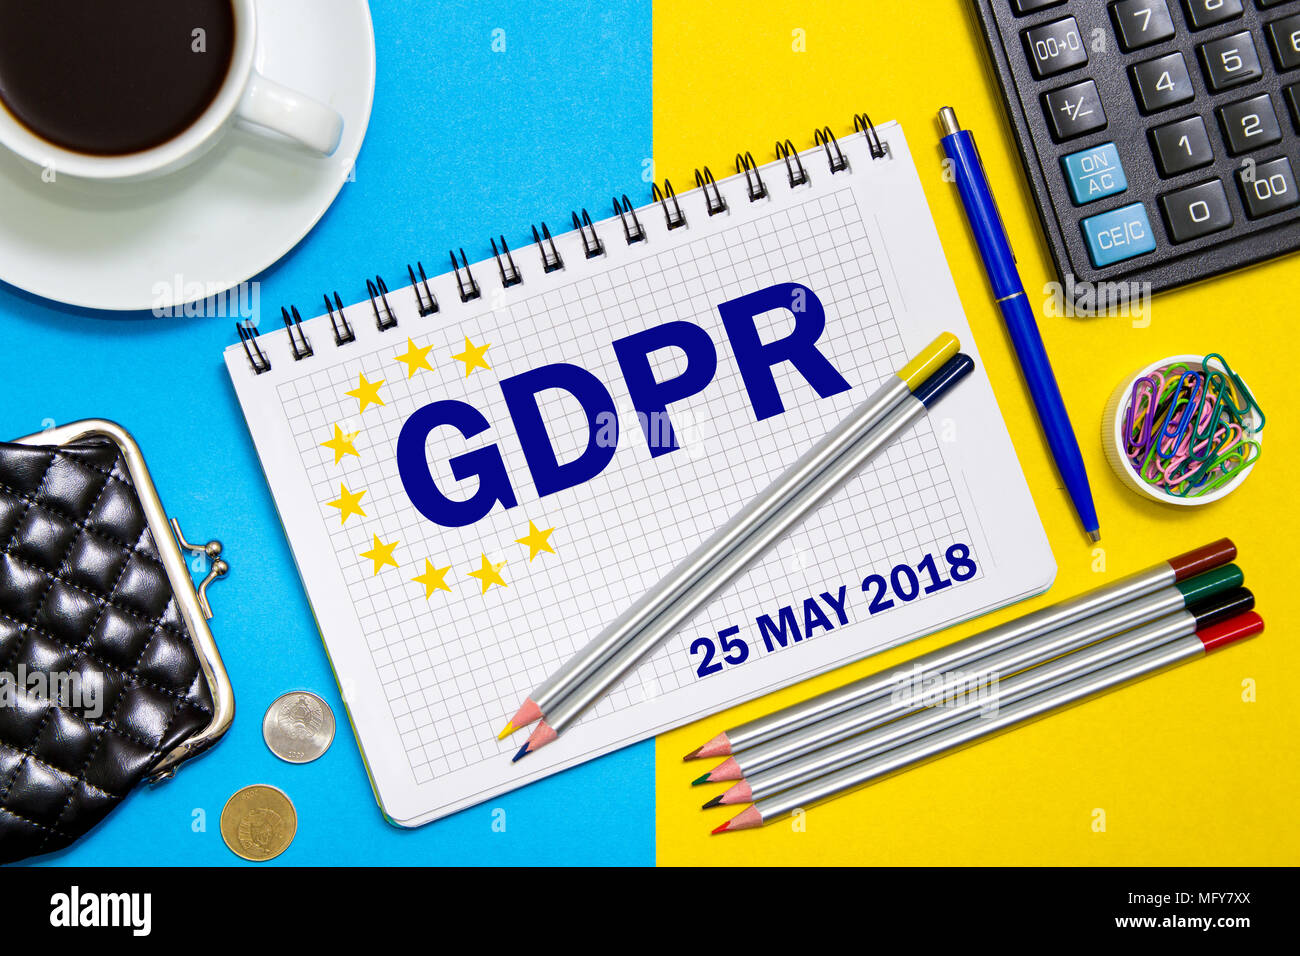 Ordinateur portable avec note Règlement général sur la protection des données, le PIBR avec le bureau outils . Pibr Concept 25 mai 2018. Photo Stock